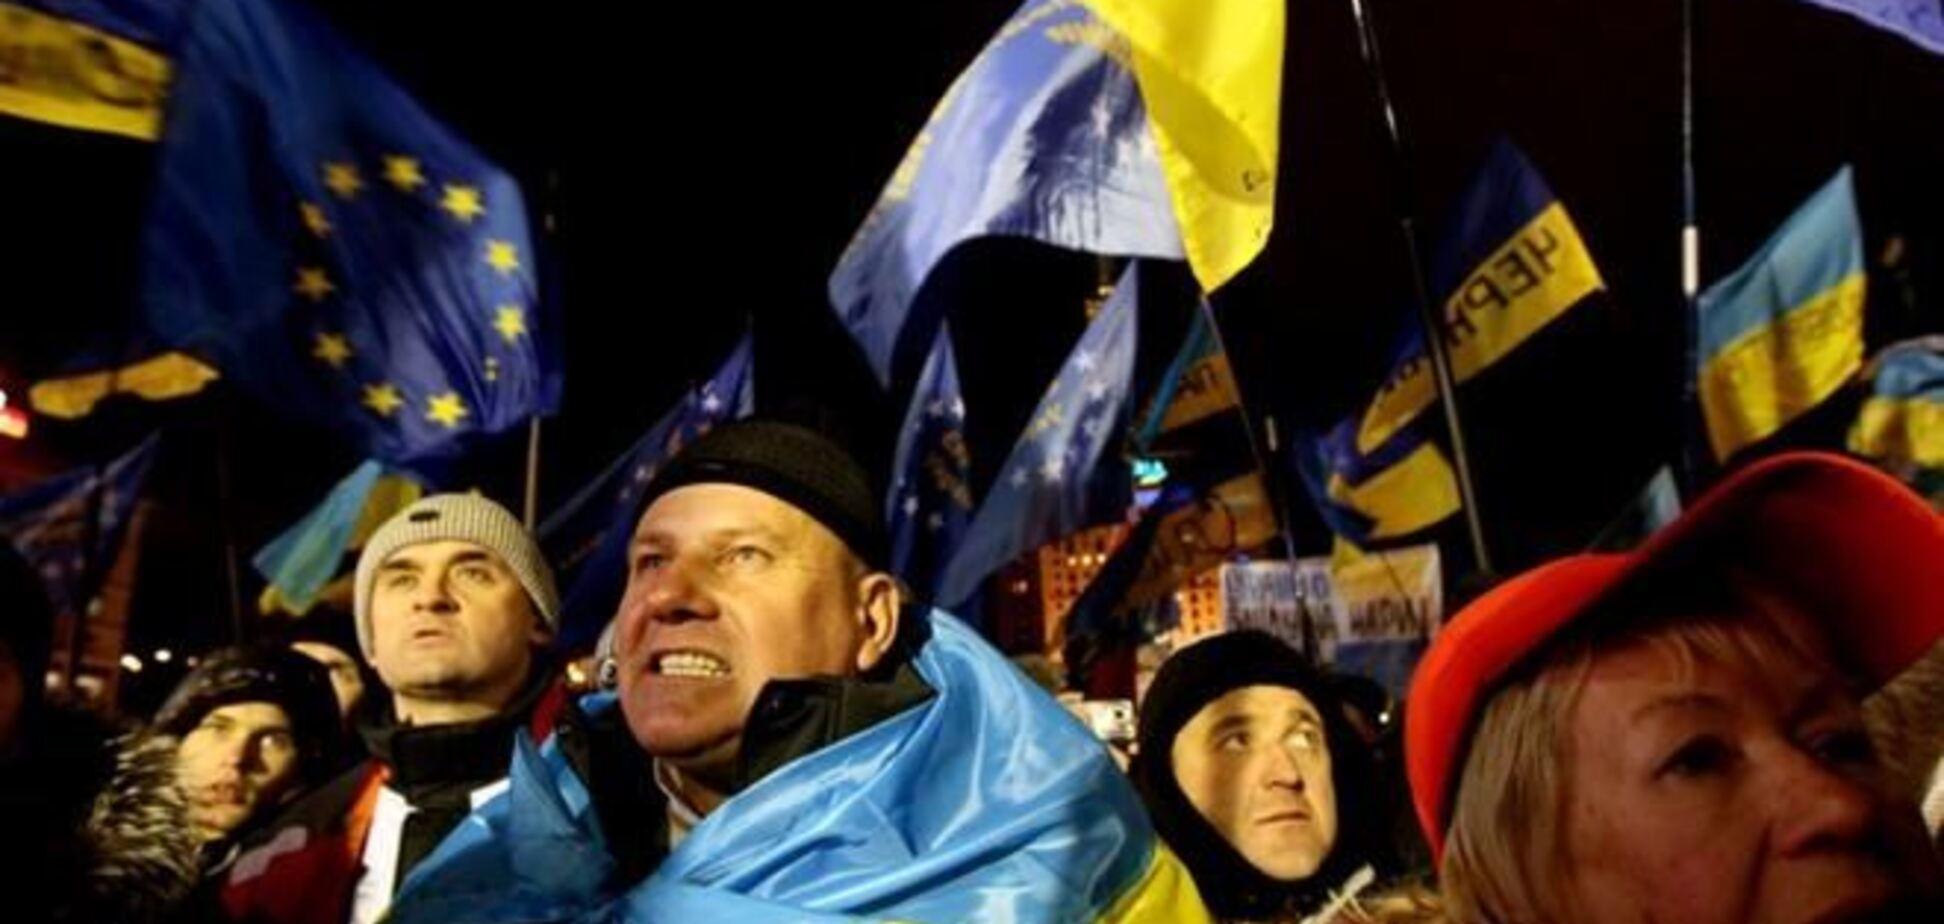 Эштон прибыла на Евромайдан